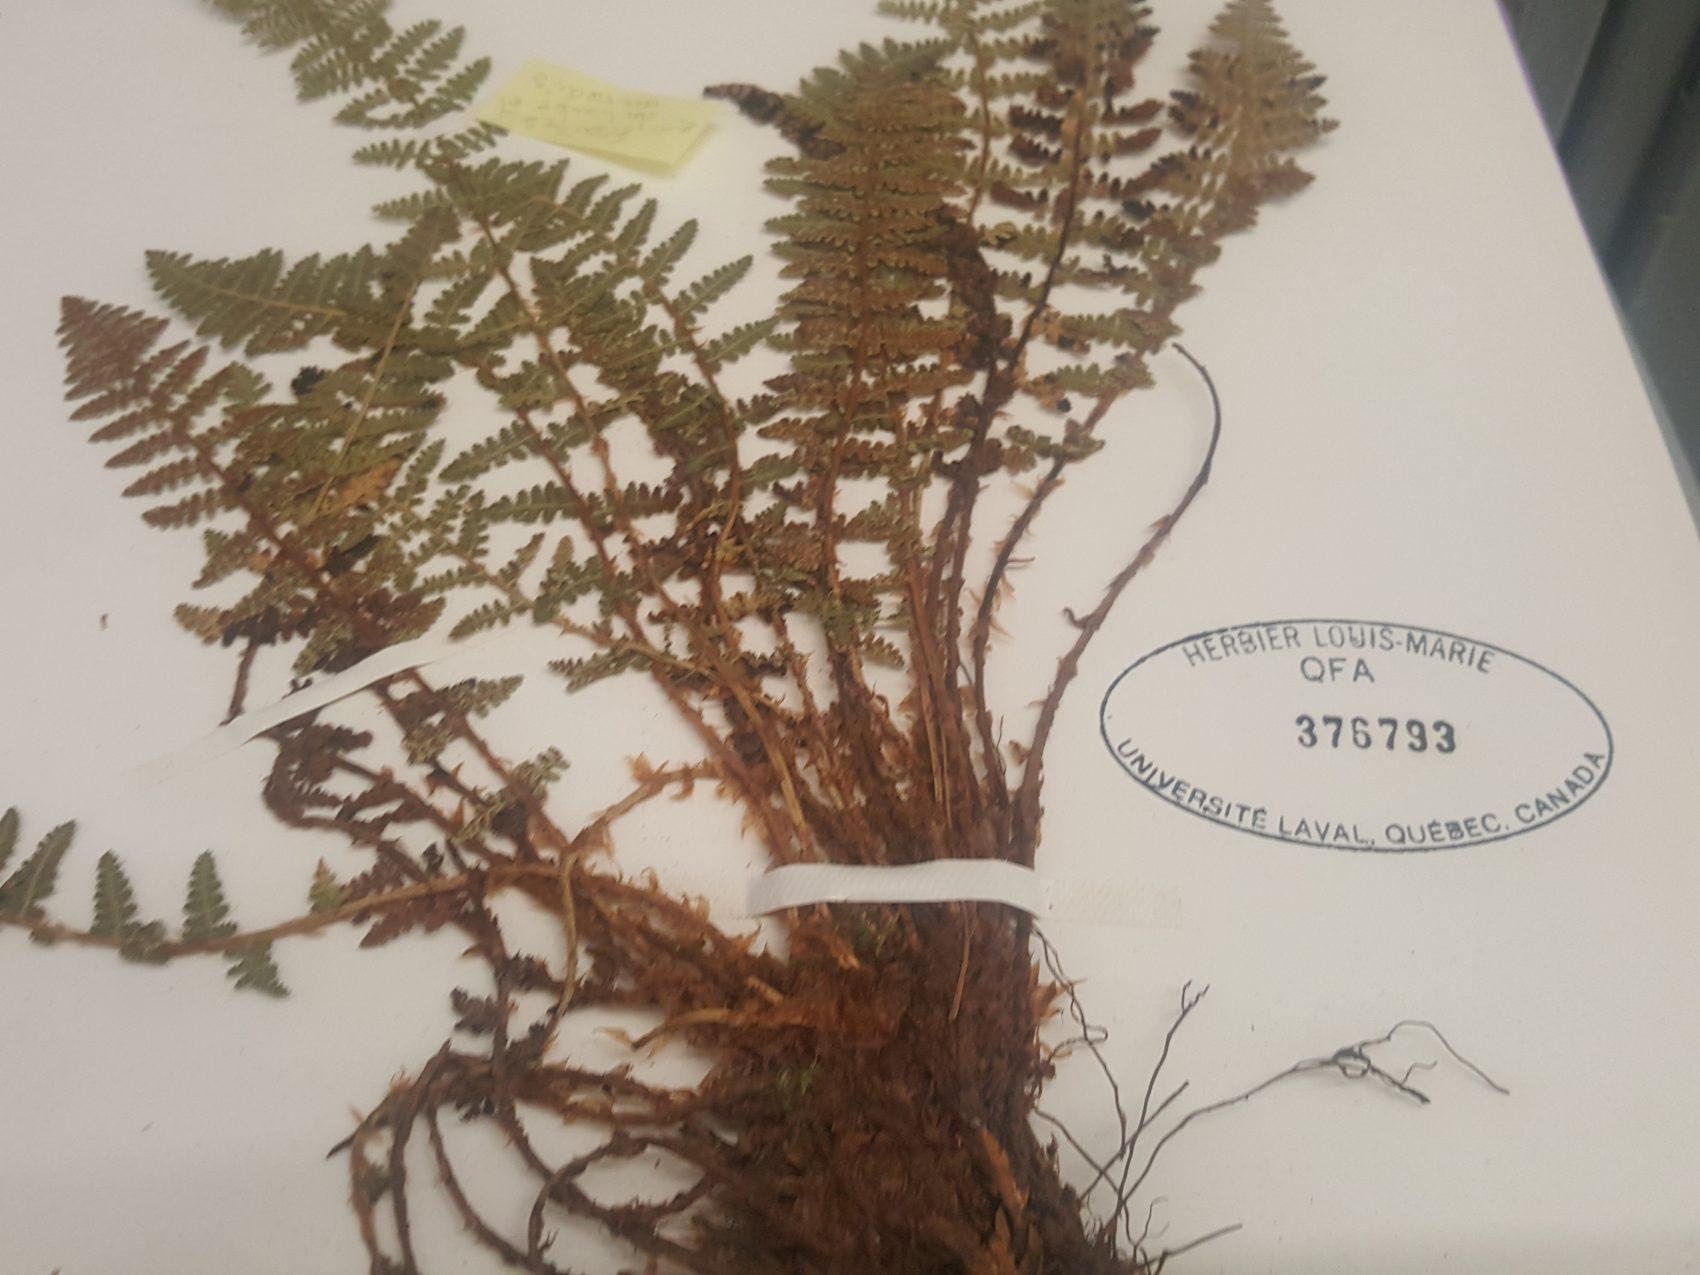 La fougère Dryopteris fragrans (L.) Schott. du lac à l'Eau Claire. Photo : Élisabeth Bossert.